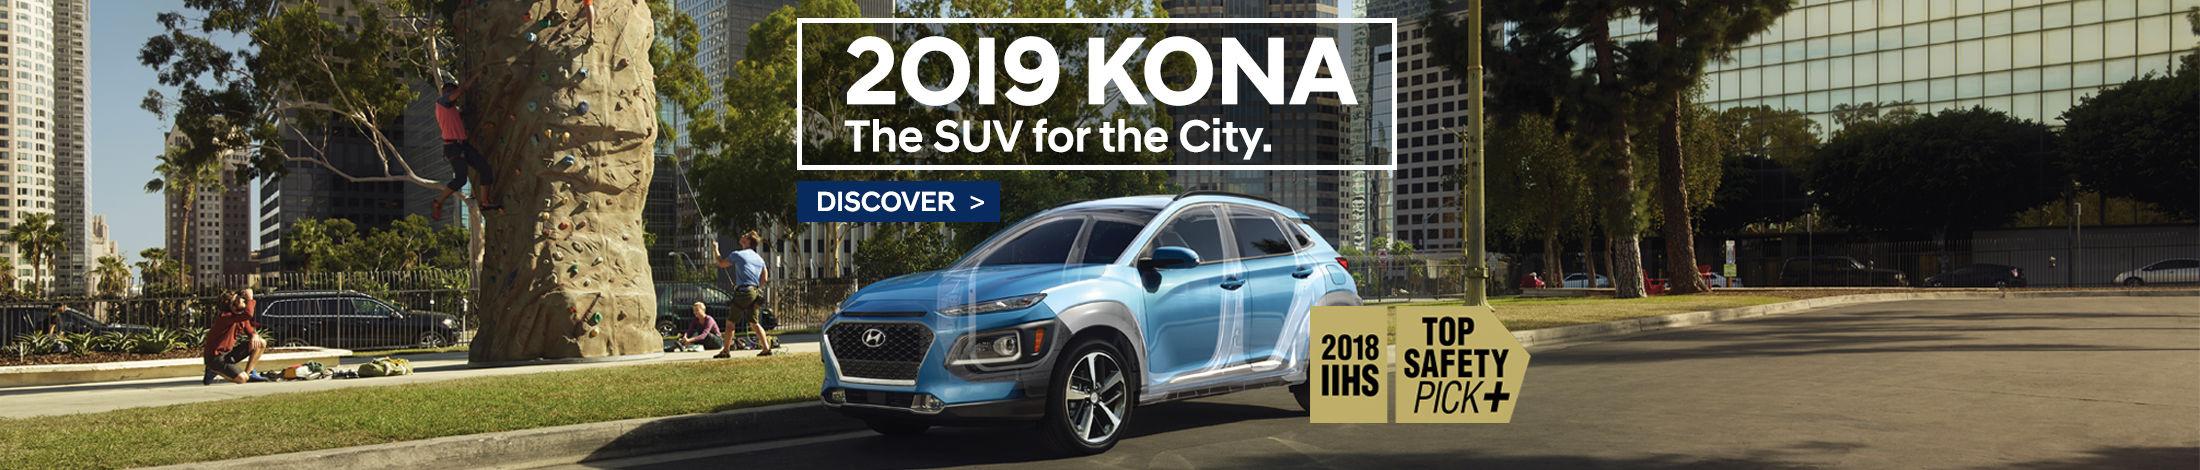 2019 Kona